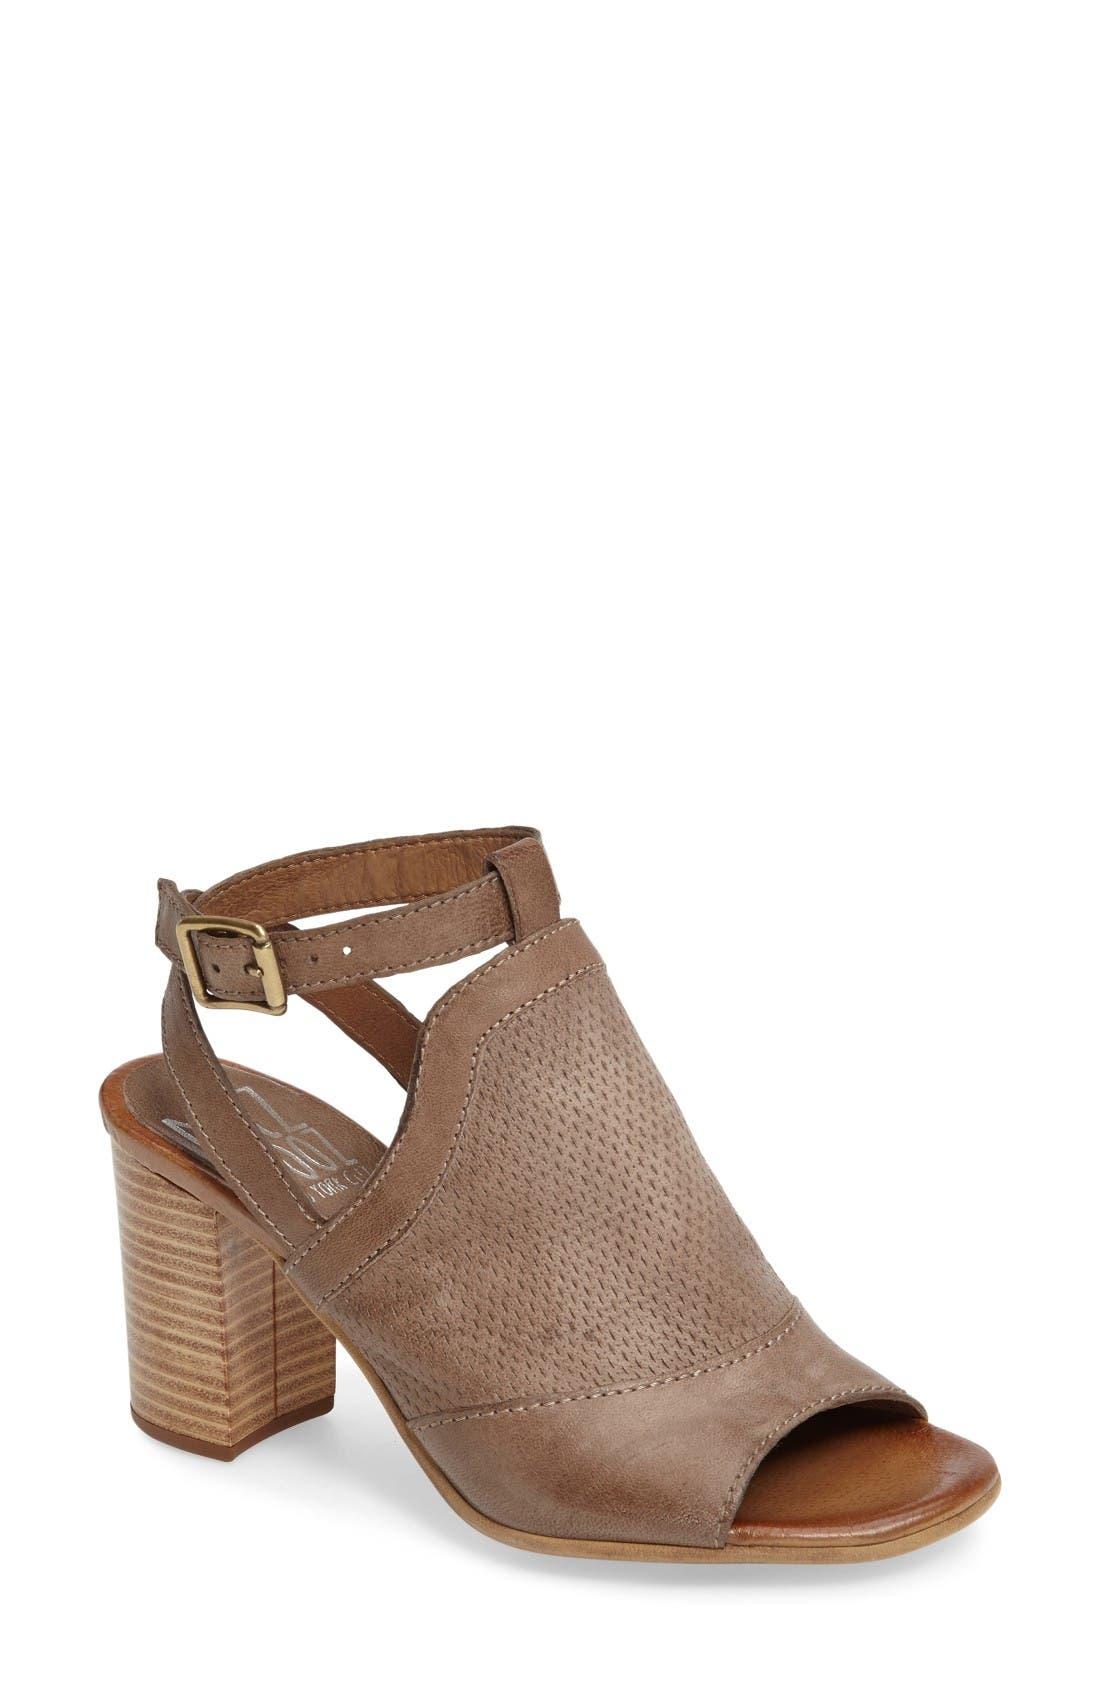 MIZ MOOZ Shiloh Block Heel Sandal